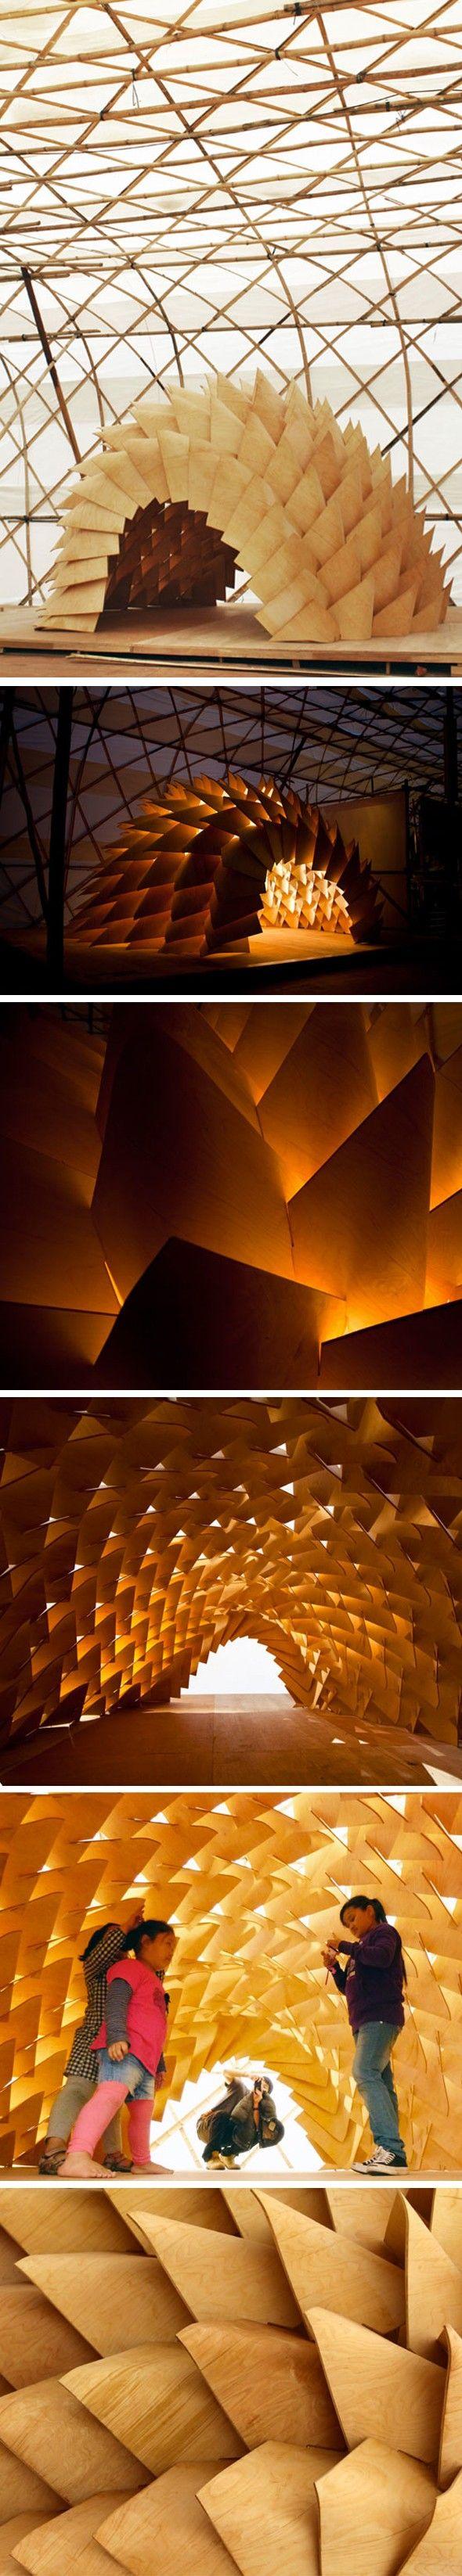 Dragon Skin. Pavillon Biennale de l'urbanisme, Hong Kong. LEAD et EDGE, 2 laboratoire de recherche sur l'architecture, le design et l'urbanisme. Composé de panneaux de contreplaqué identiques